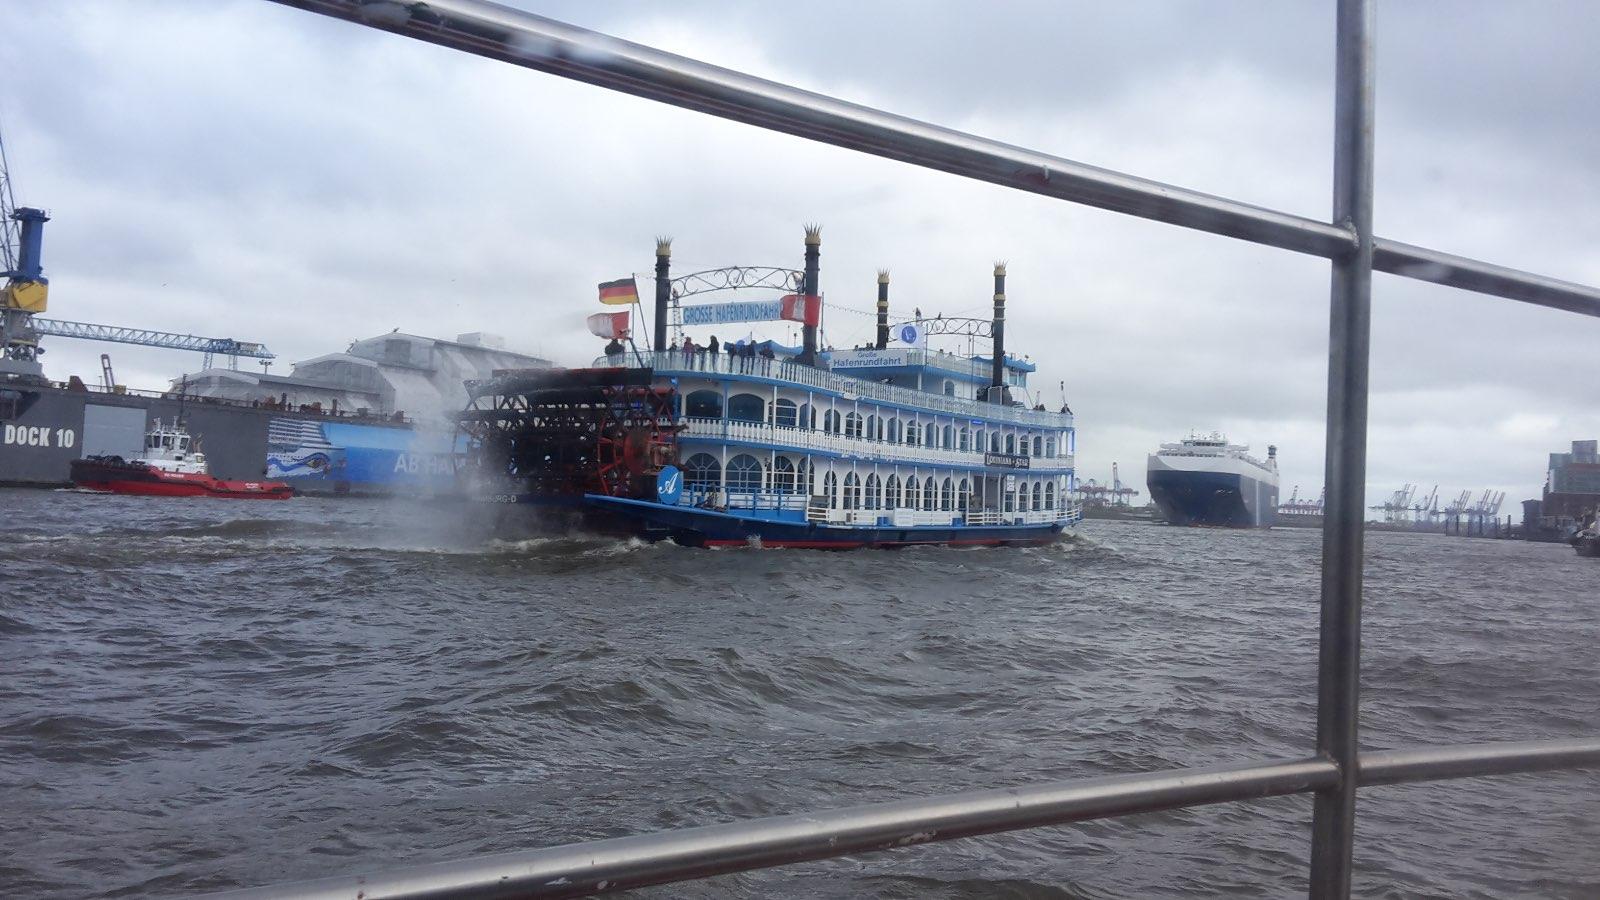 Die Louisiana Star, ein, ehm, Exot auf der Elbe